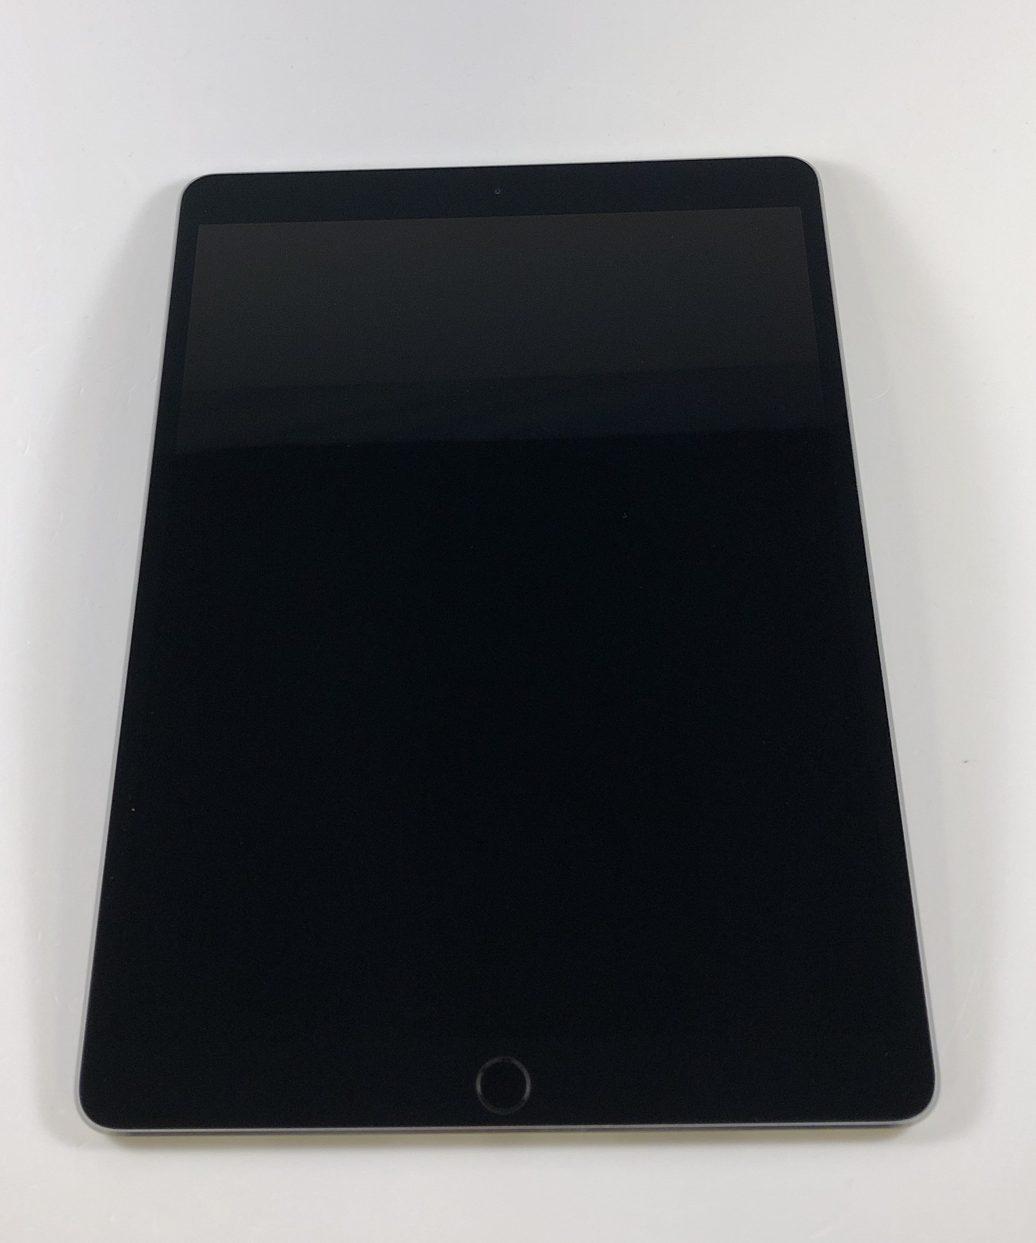 """iPad Pro 10.5"""" Wi-Fi 256GB, 256GB, Space Gray, bild 3"""